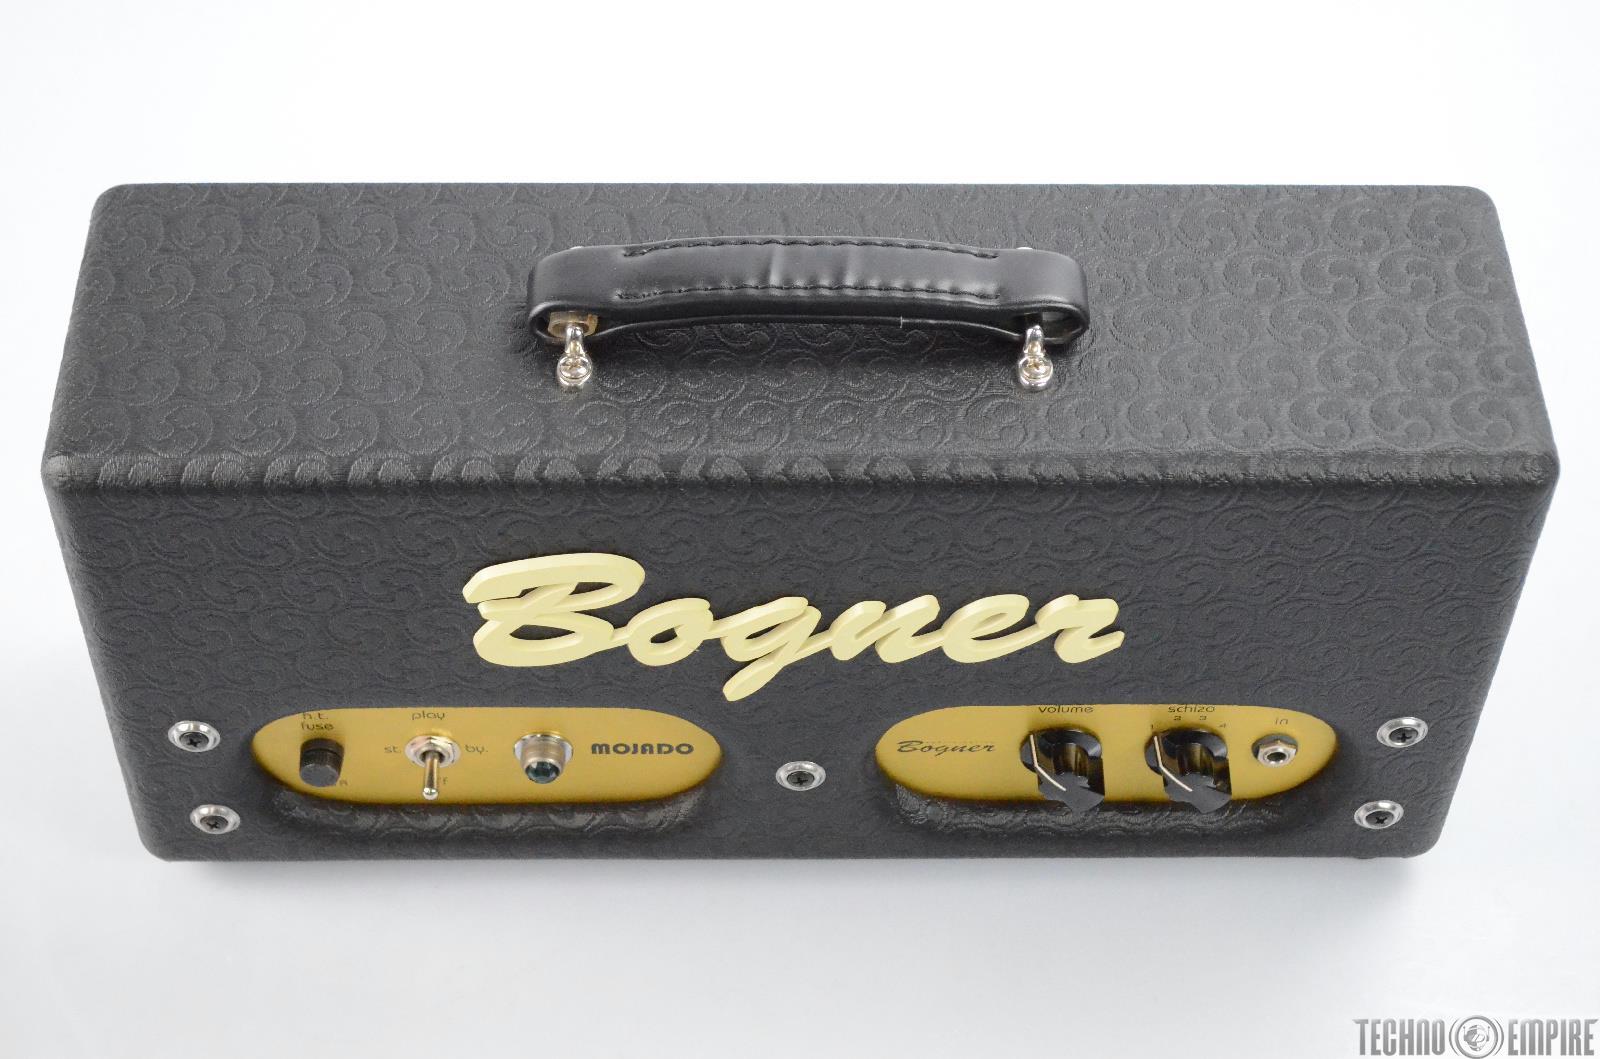 bogner mojado tube guitar amp head valve vacuum amplifier mint 6v6s 6v6 s 31266 ebay. Black Bedroom Furniture Sets. Home Design Ideas